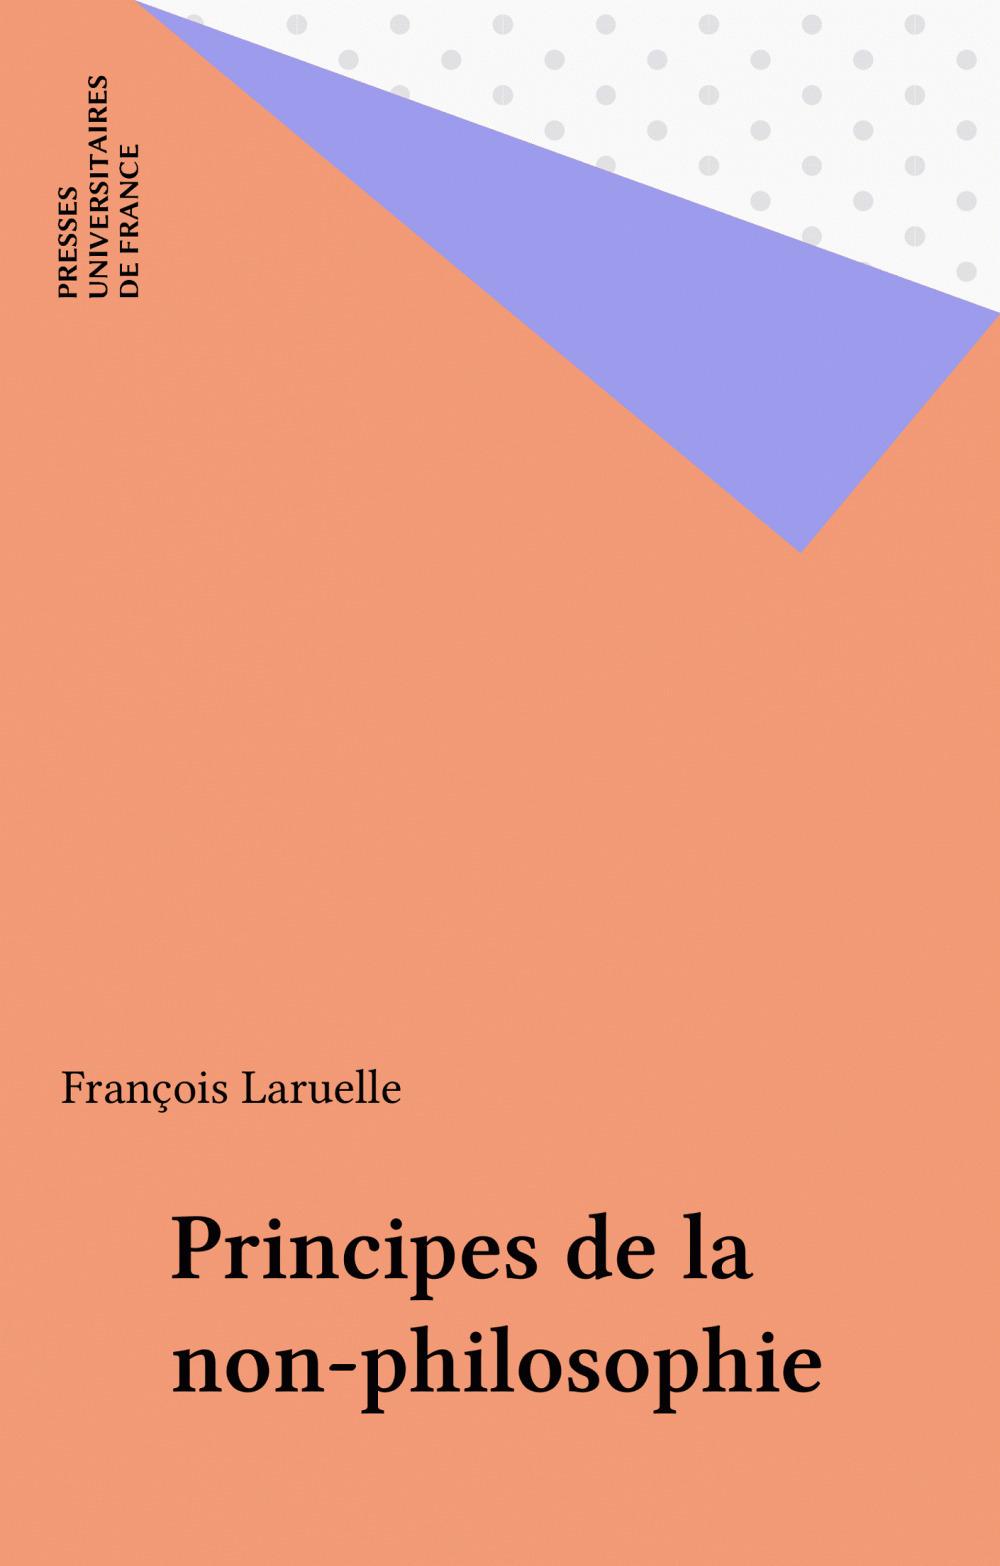 Principes de la non-philosophie